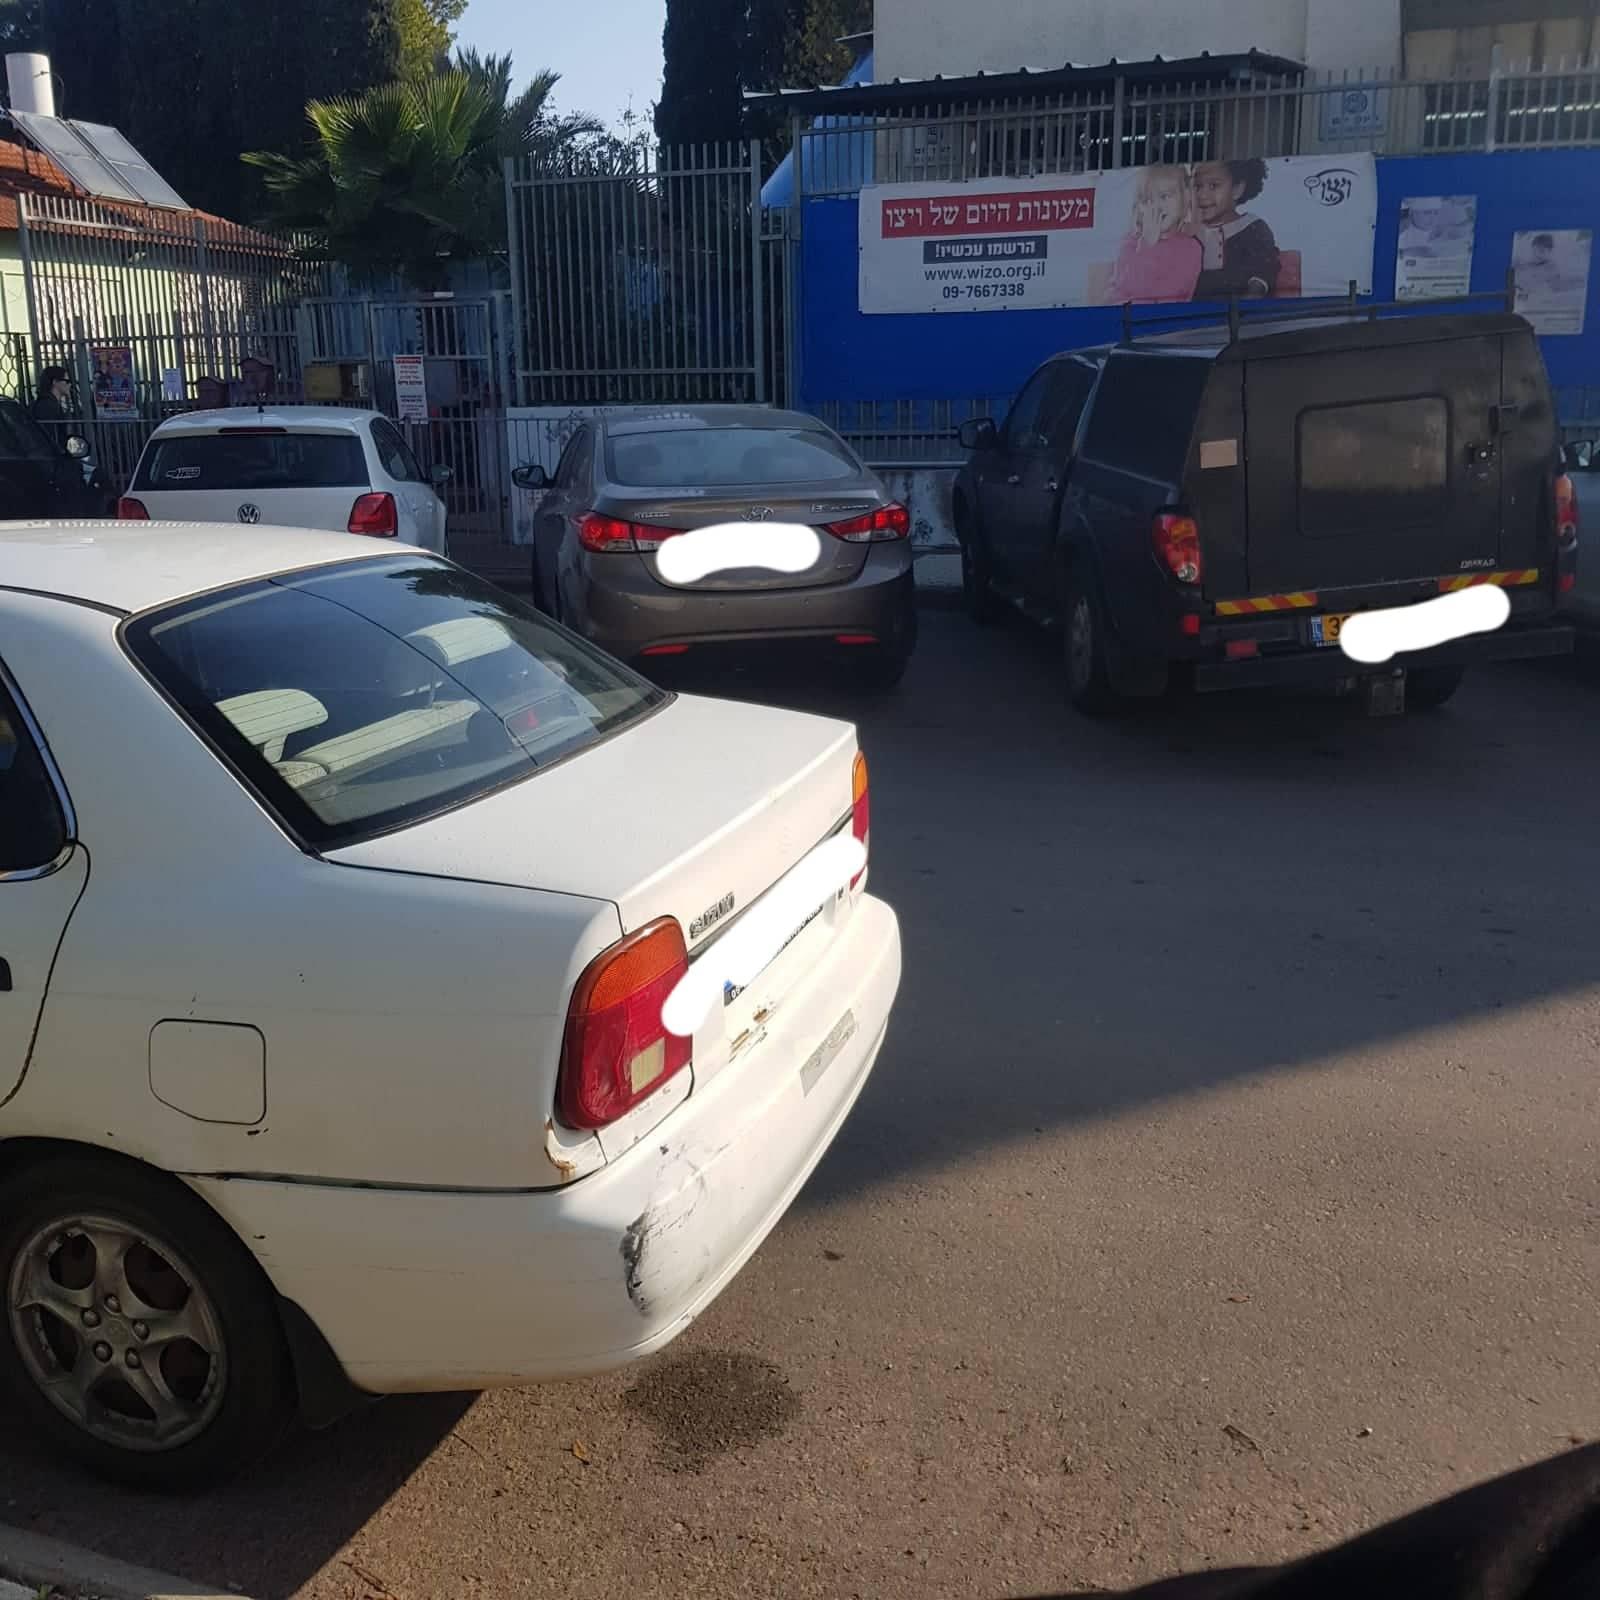 סערה במעון ויצו ברחוב דניאל בכפר סבא: 2 פעוטות יצאו מהשער ועברו כביש ללא ידיעת הצוות